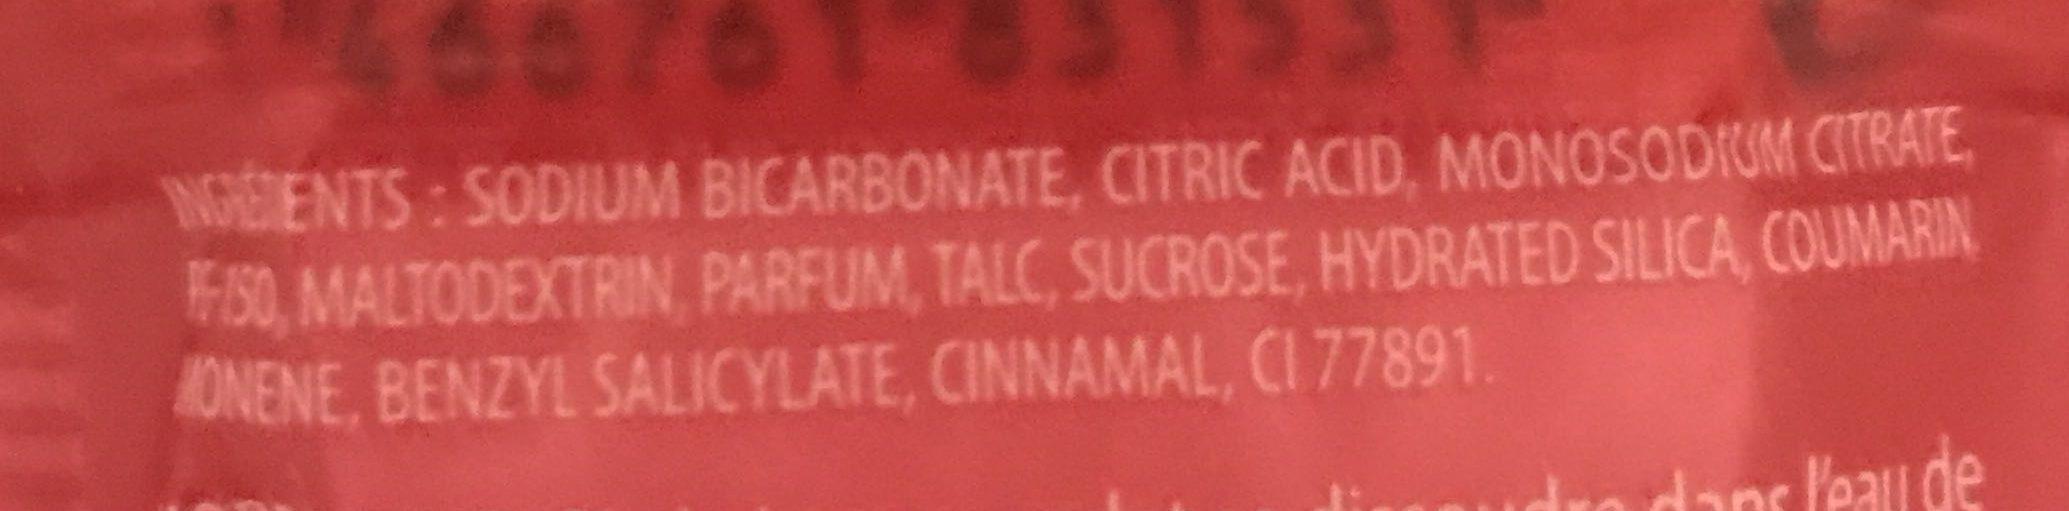 Je suis Gourmande Galet effervescent Cerise Amande - Ingredients